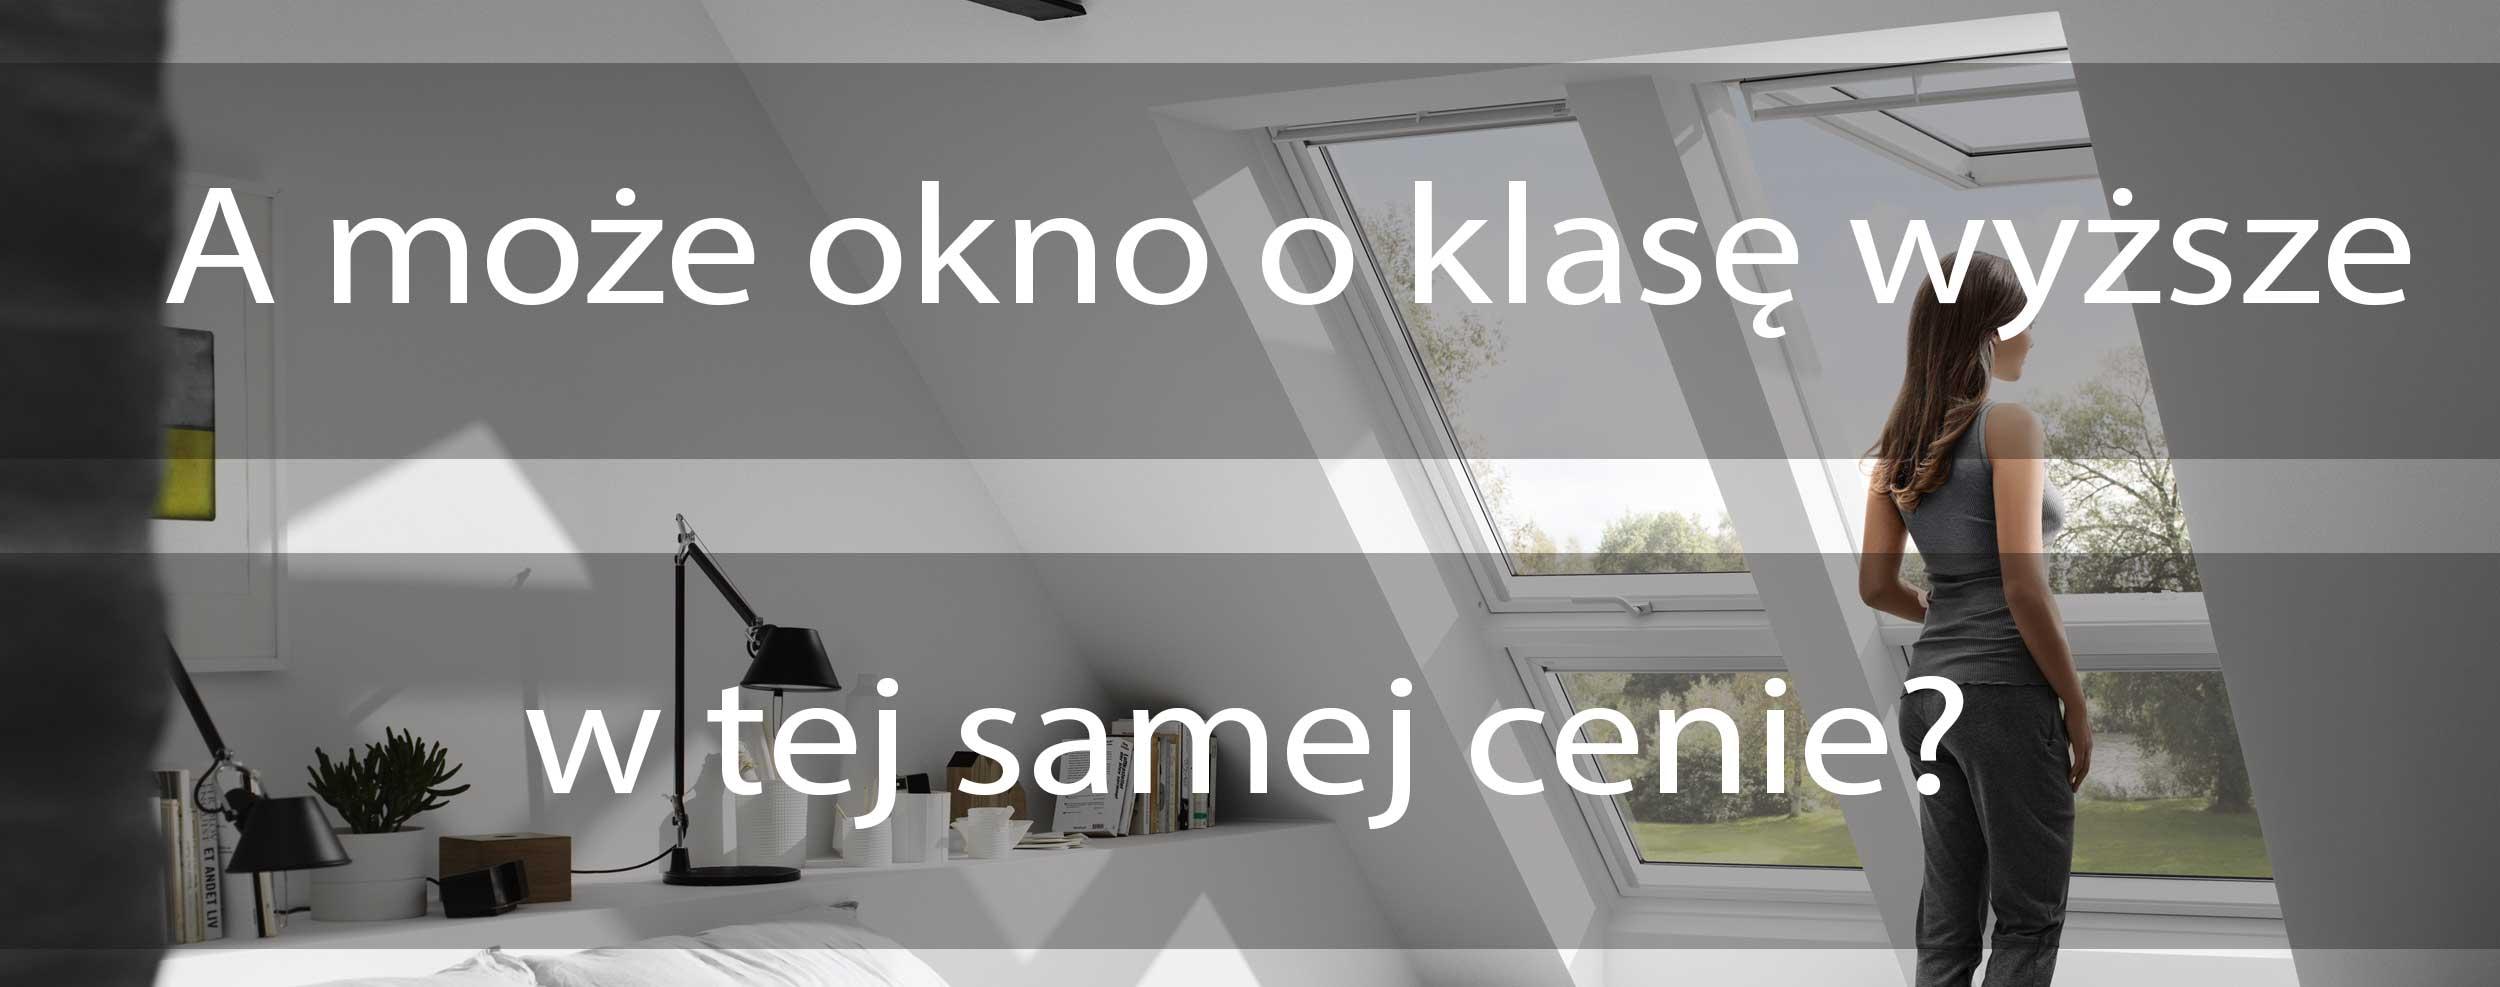 okno dachowe - Okno dachowe obrotowe FTS U2 Fakro